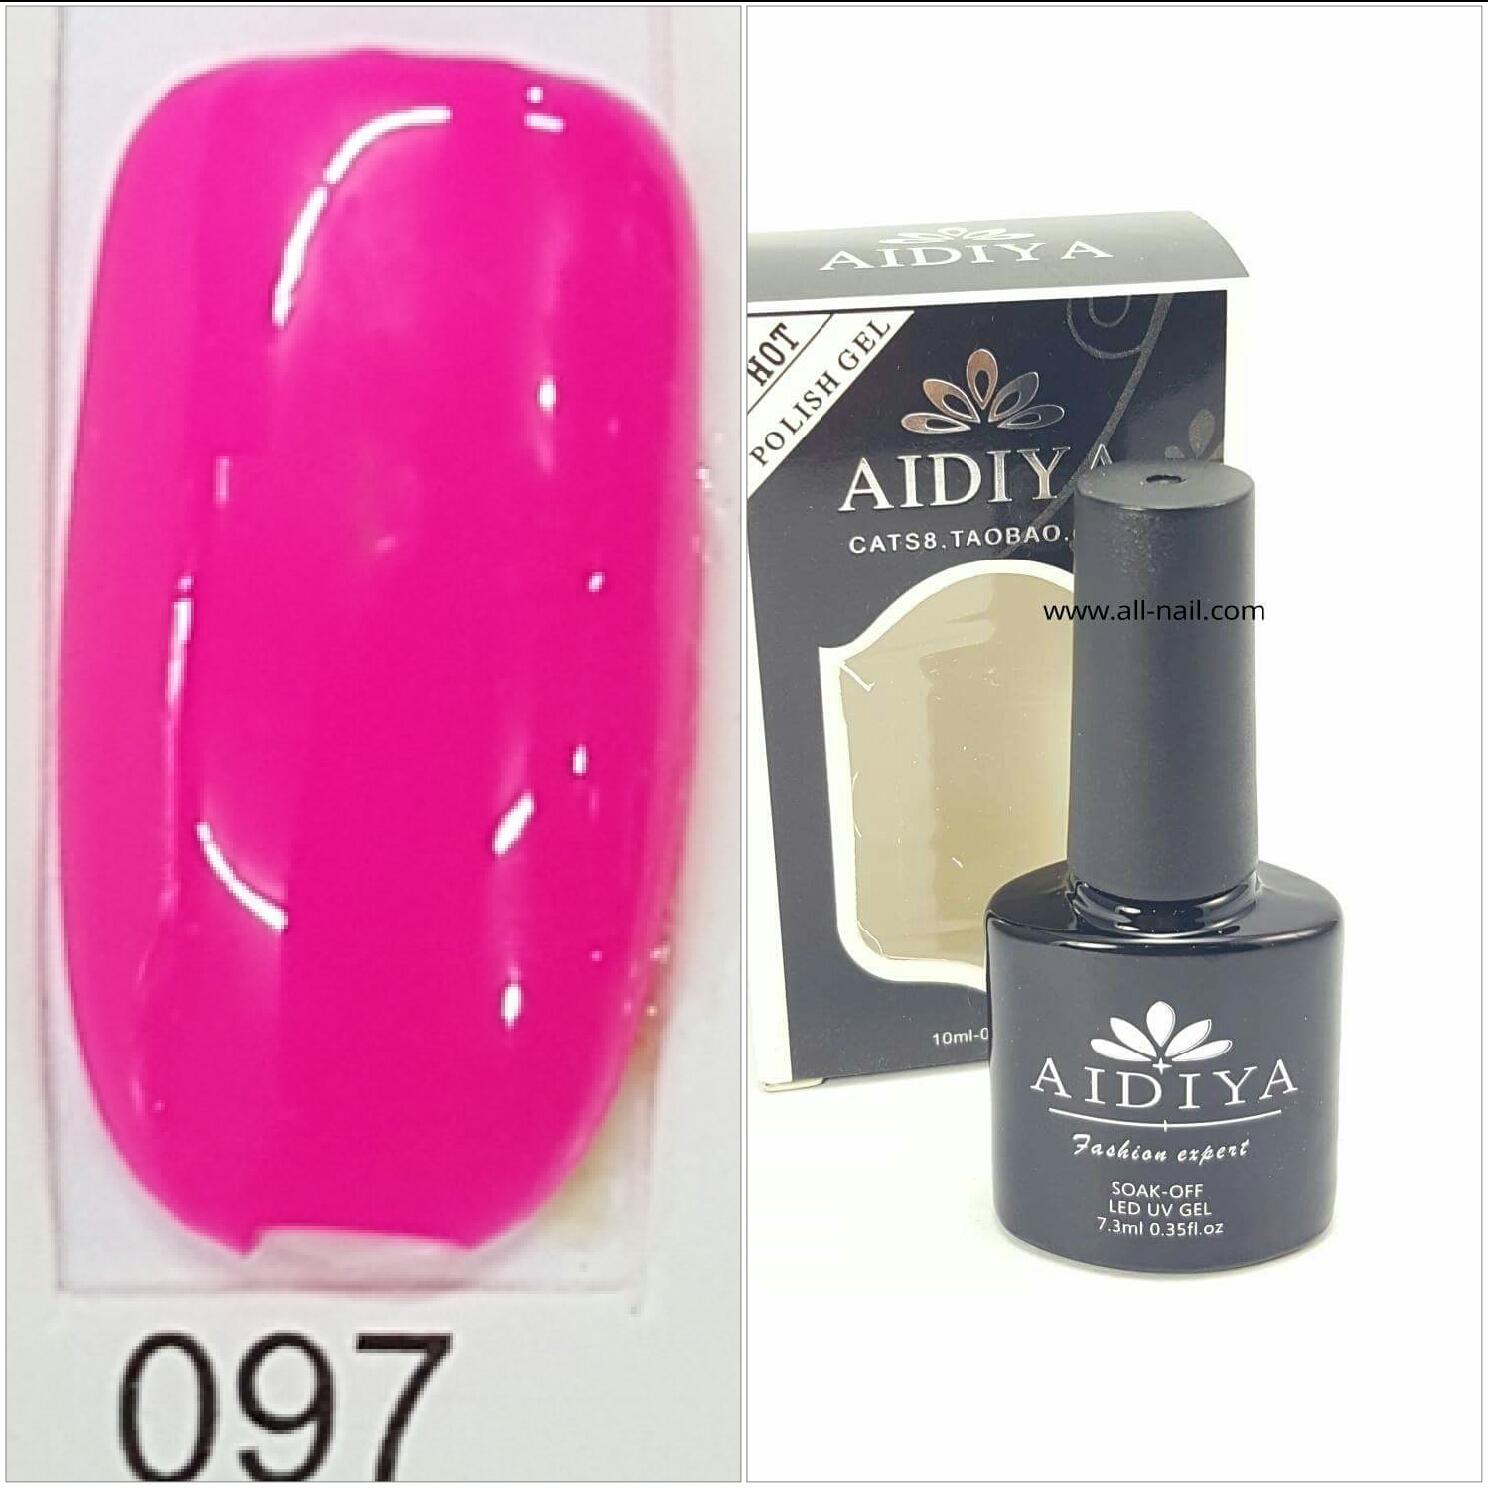 สีเจลทาเล็บ AIDIYA #097